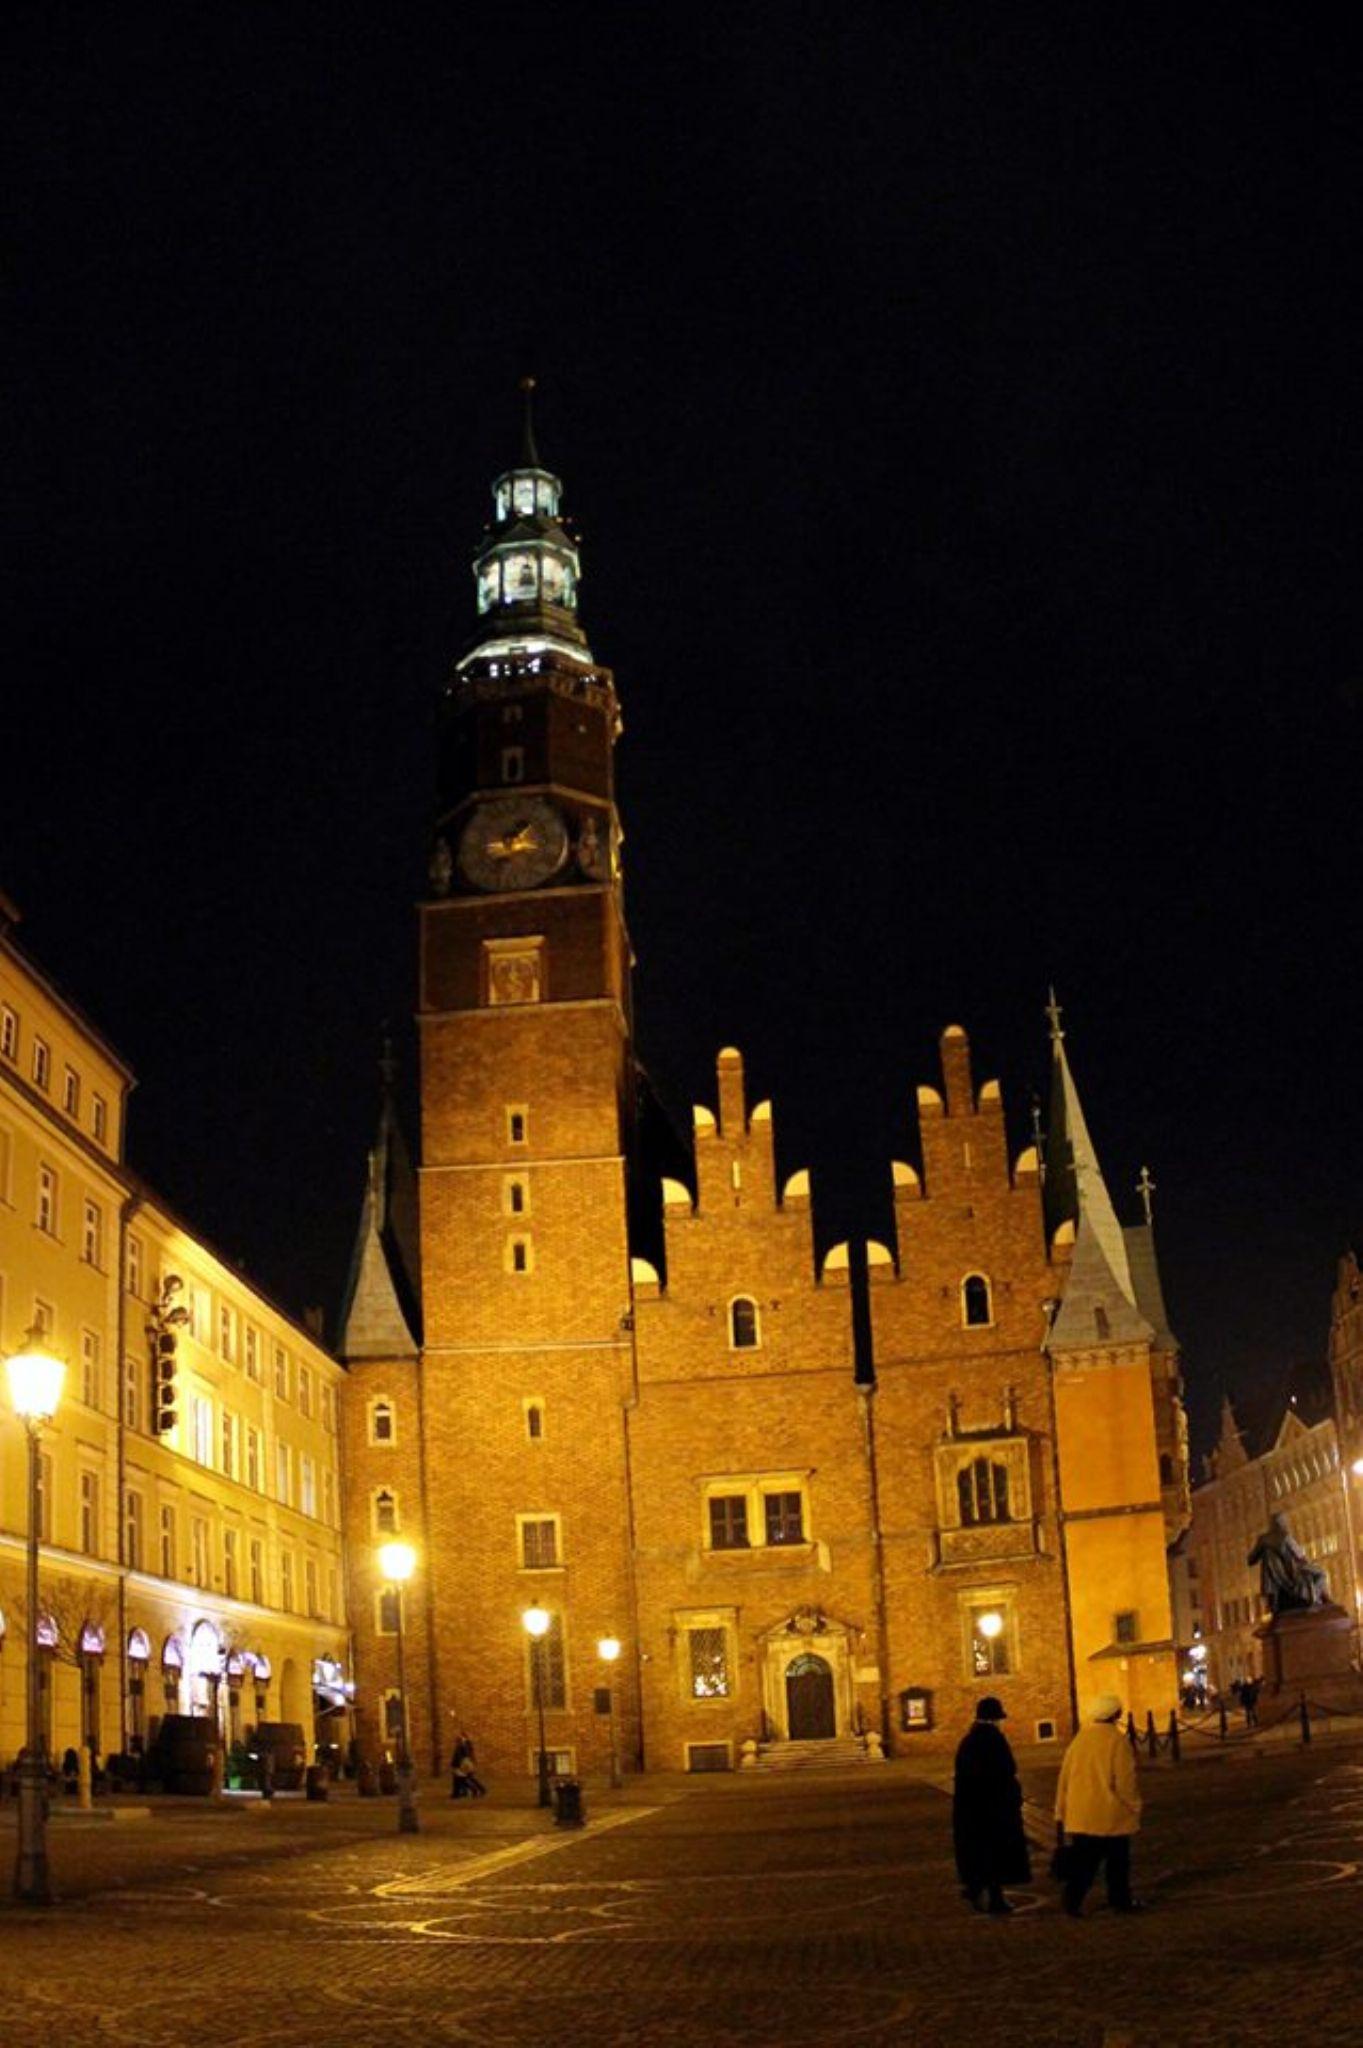 Wrocław. by Foxeya